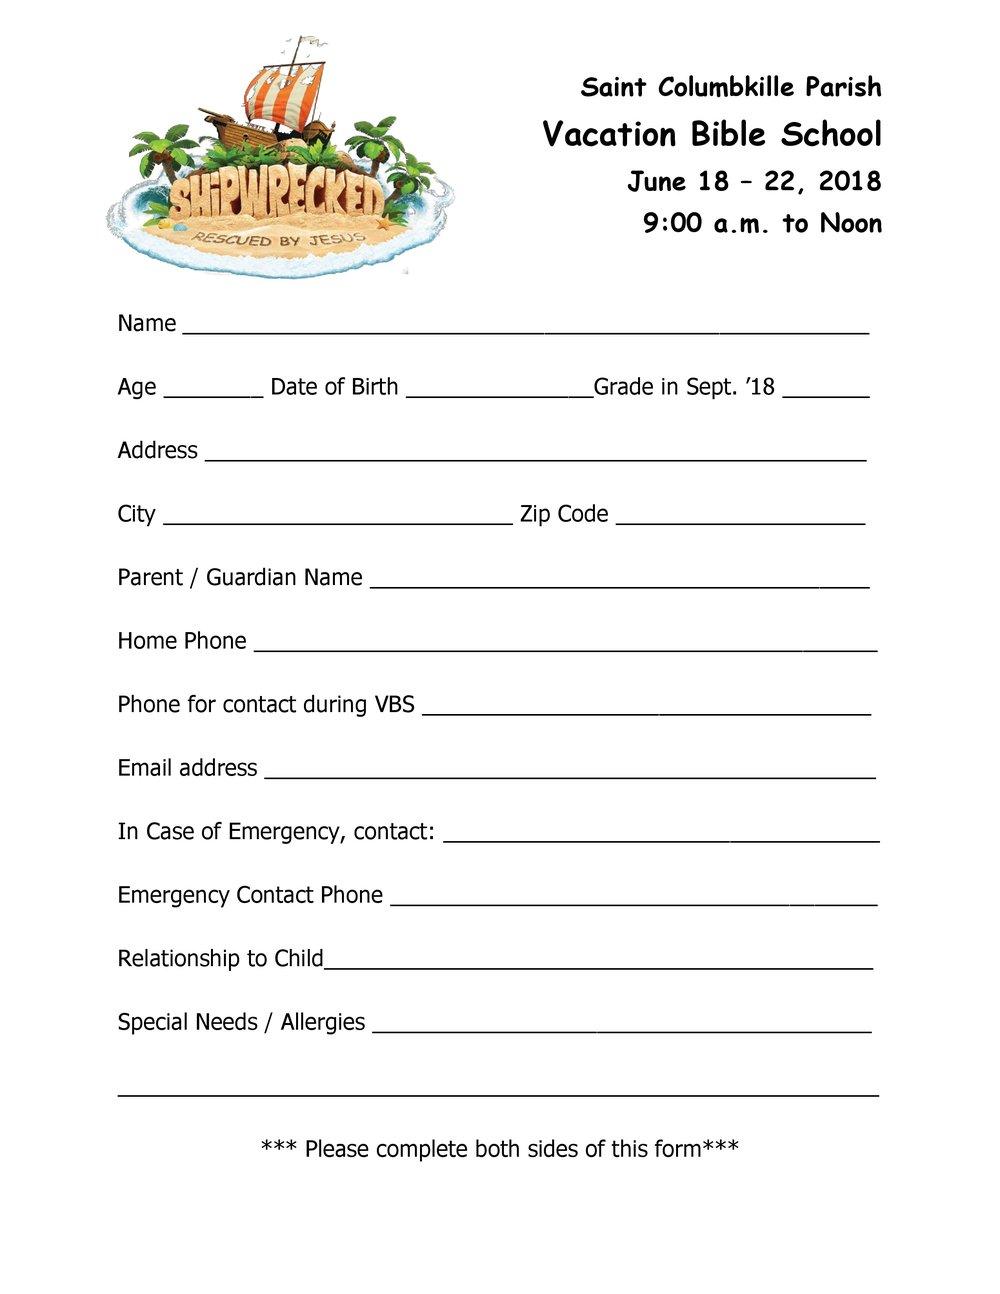 registration form 2018-page-0.jpg